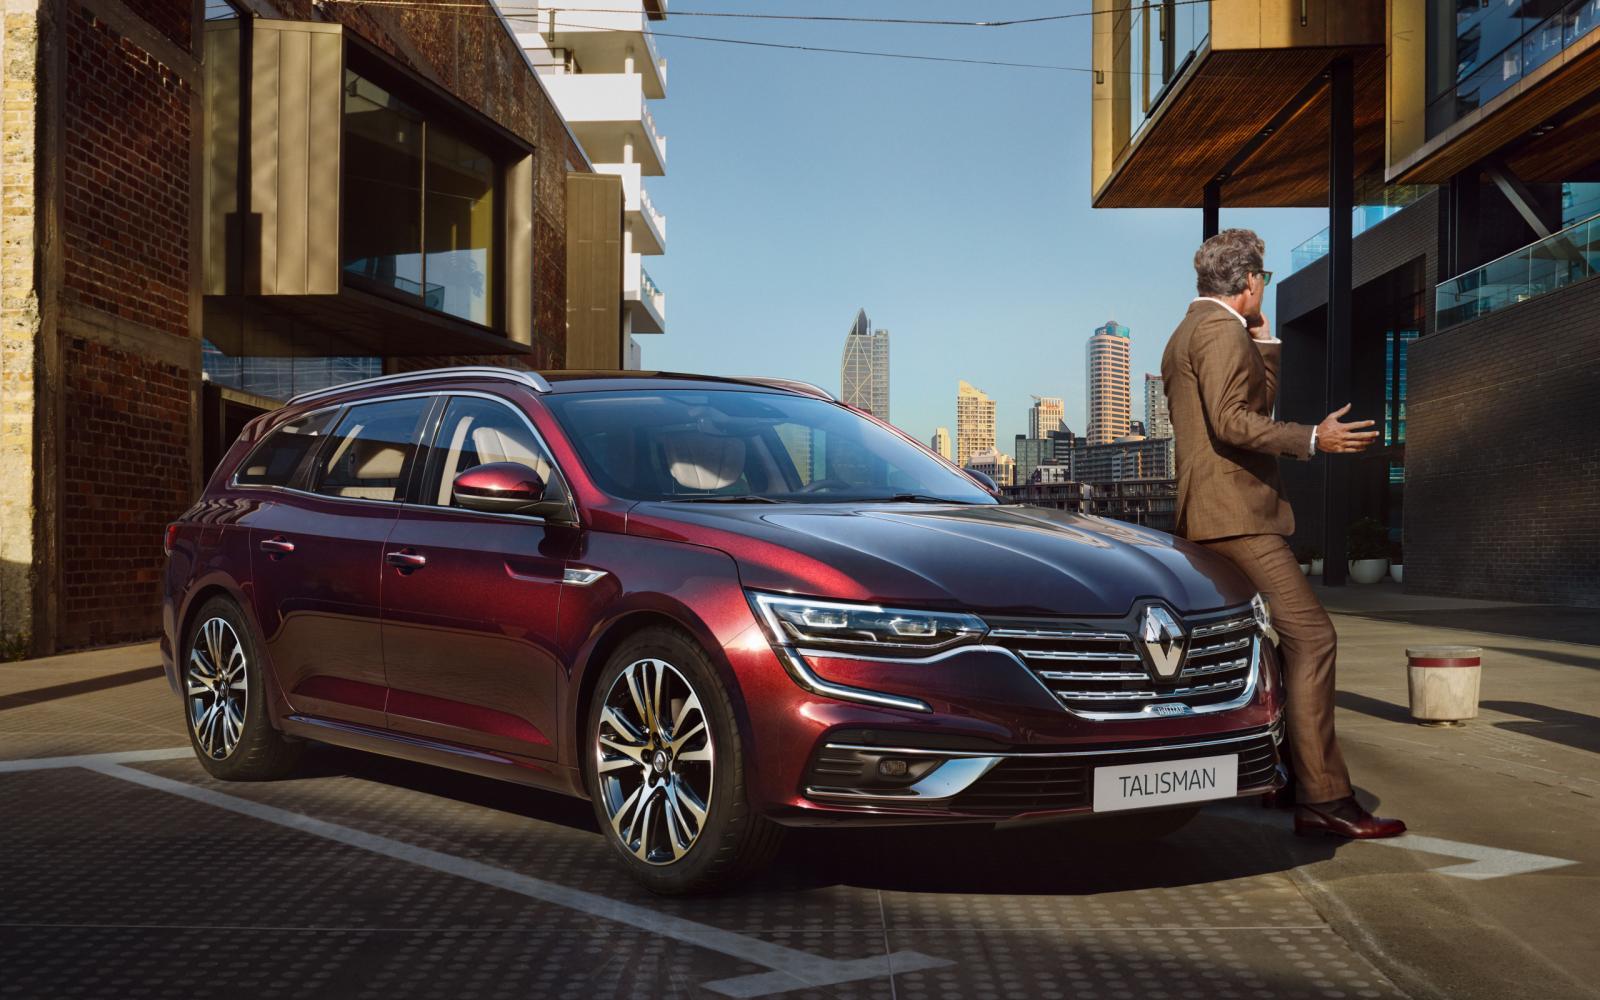 Wat is er nieuw aan de vernieuwde Renault Talisman?